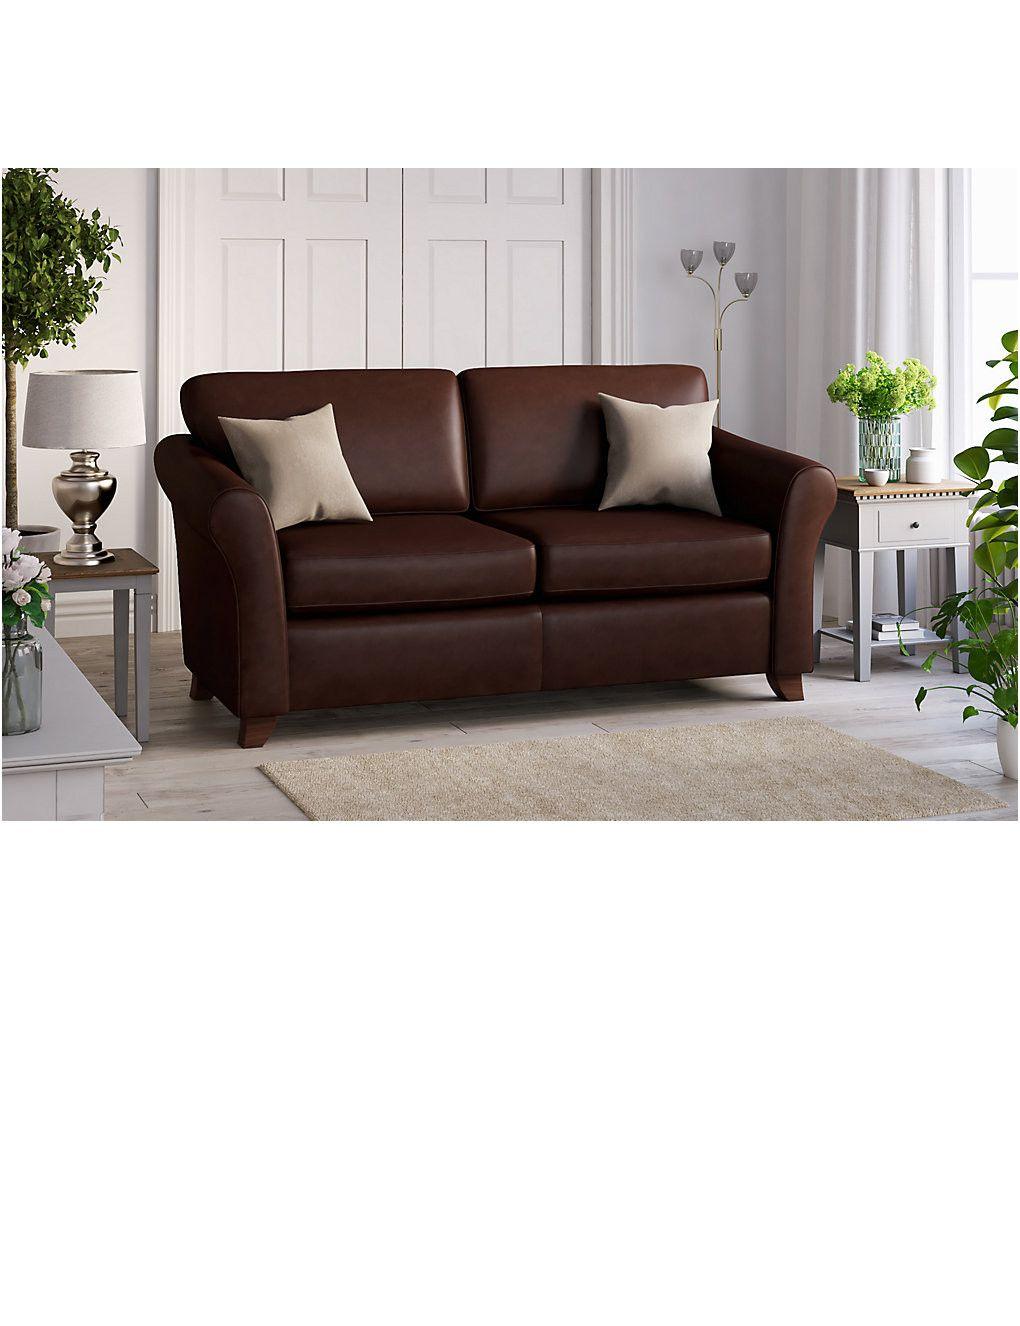 Typisch Couch 2m Breit